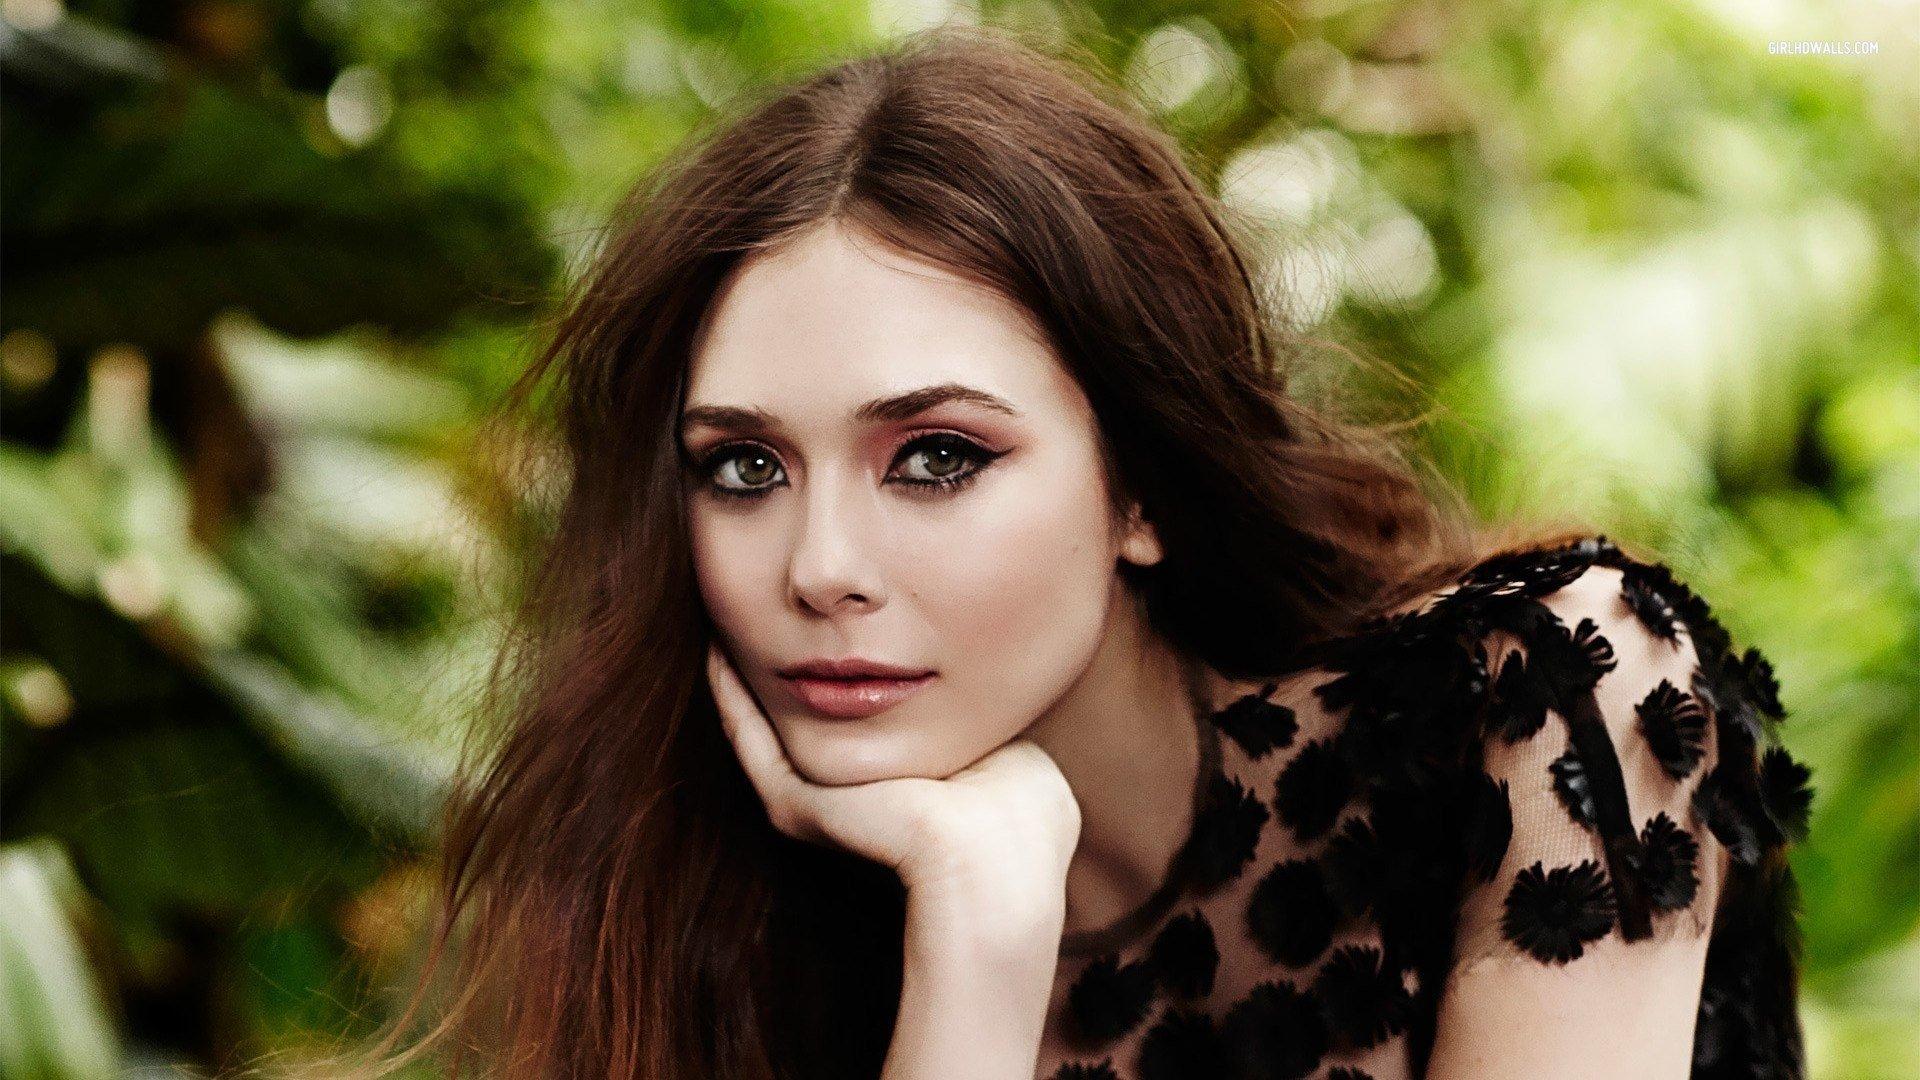 Fondo de pantalla de Elizabeth Olsen Castaña Imágenes